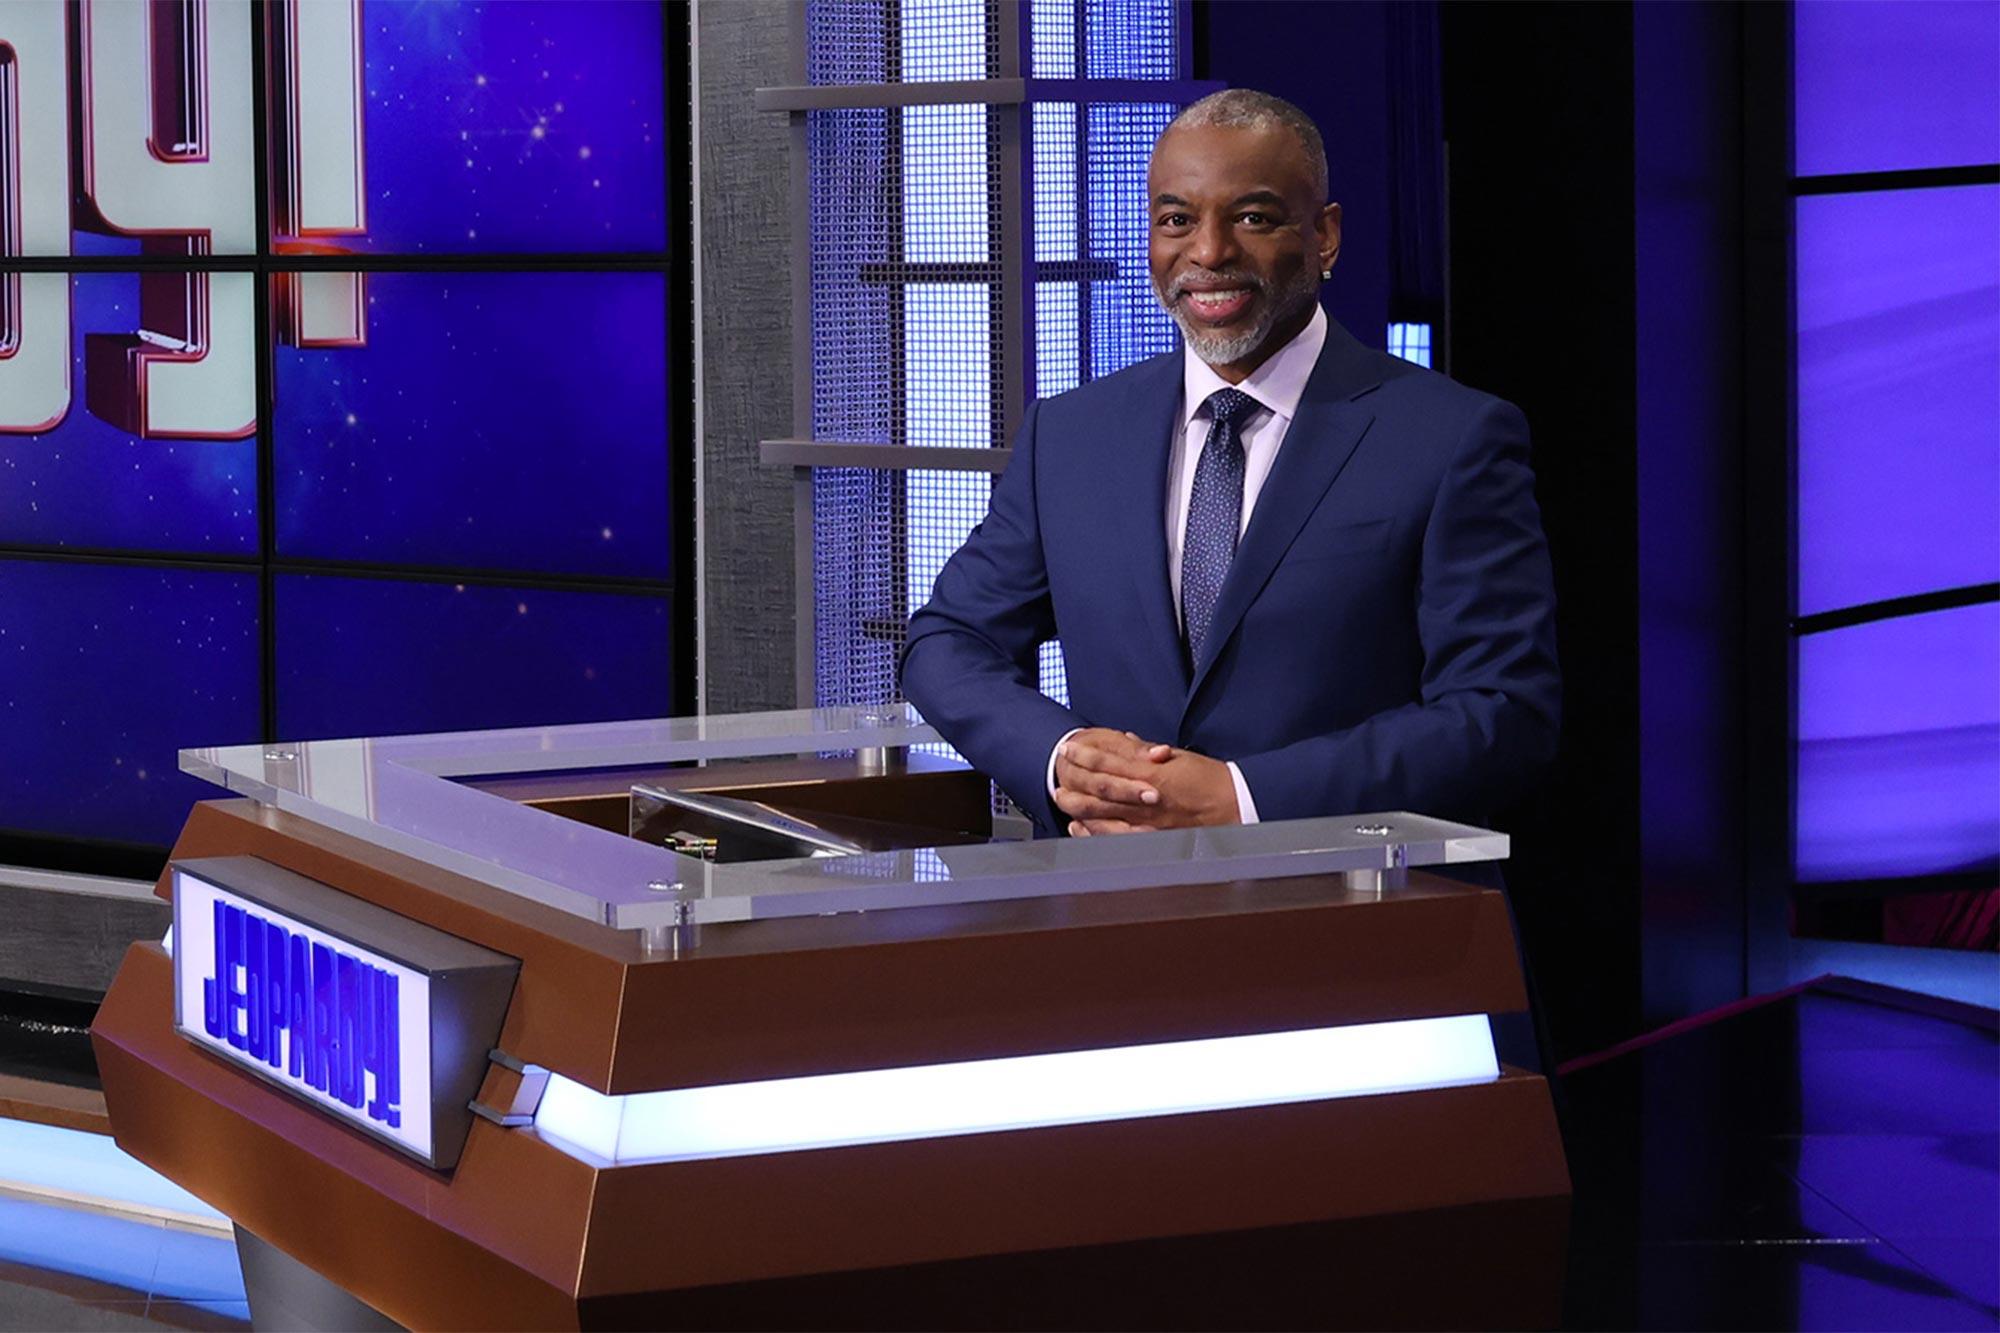 LeVar Burton on Jeopardy